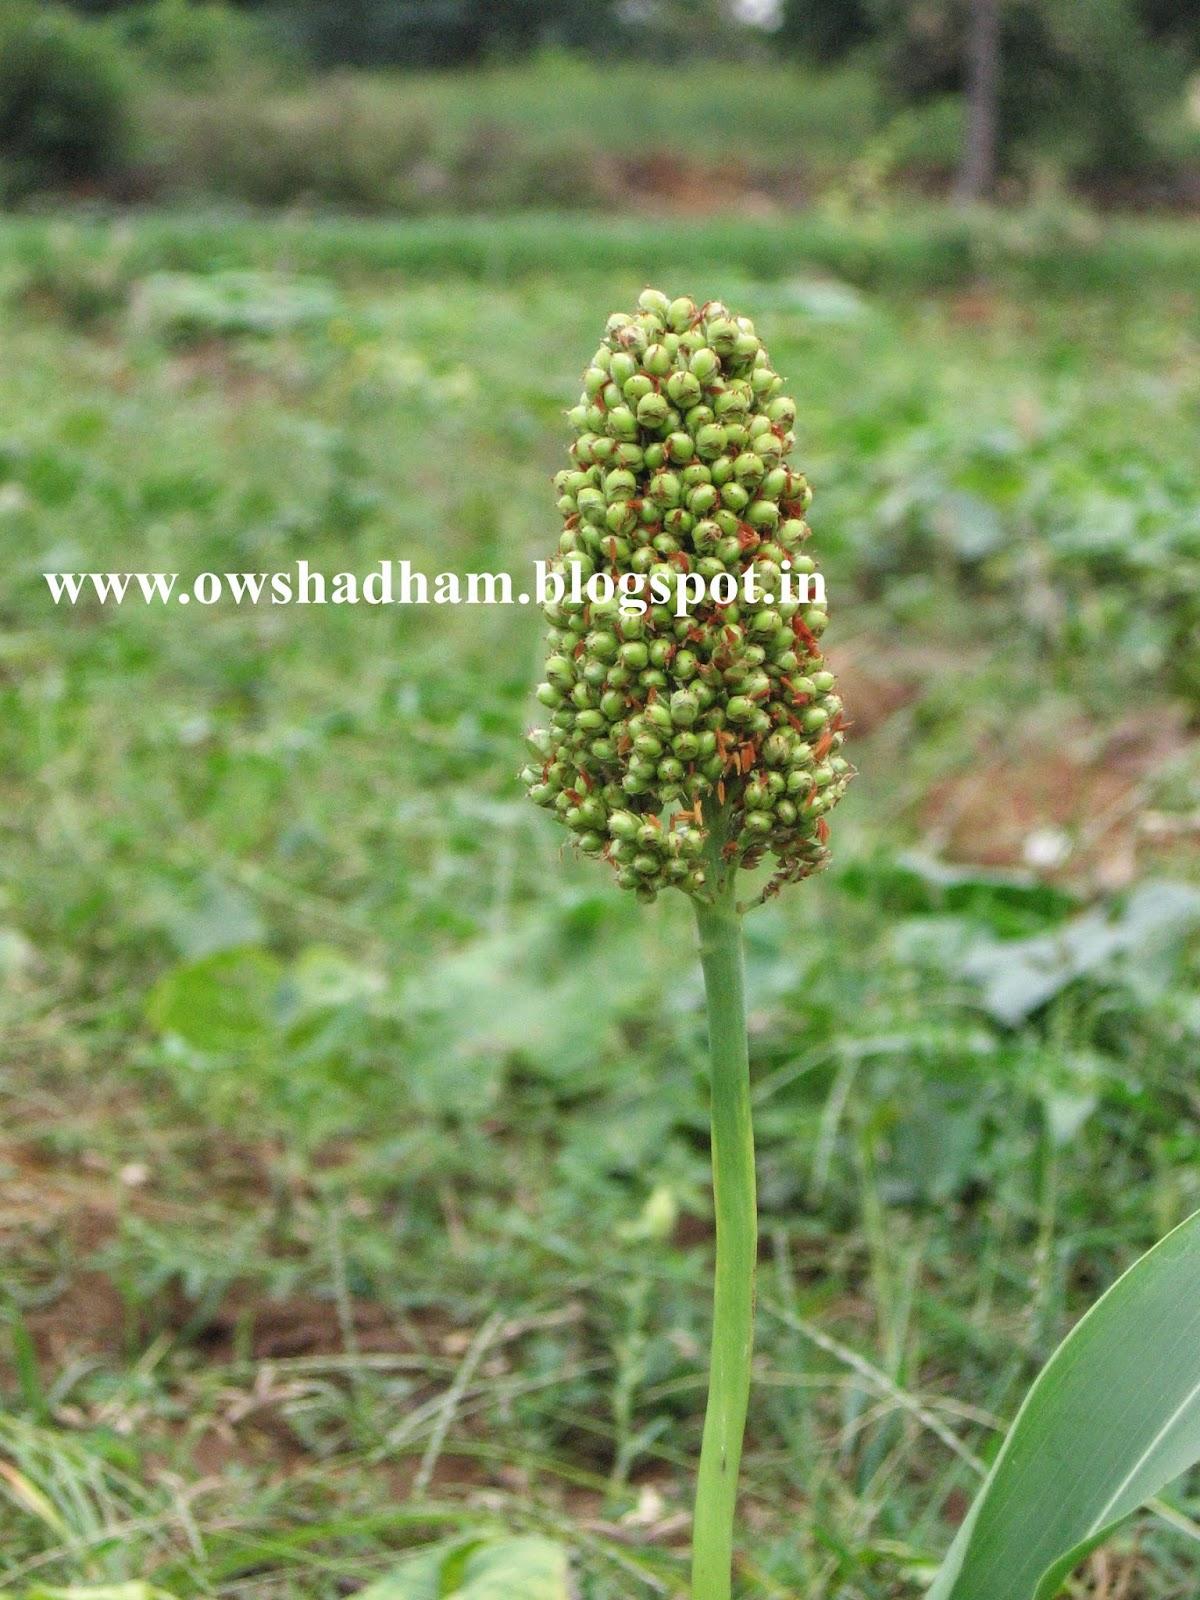 சோளம் மருத்துவ பலன்கள் - ஔசதம் - owshadham